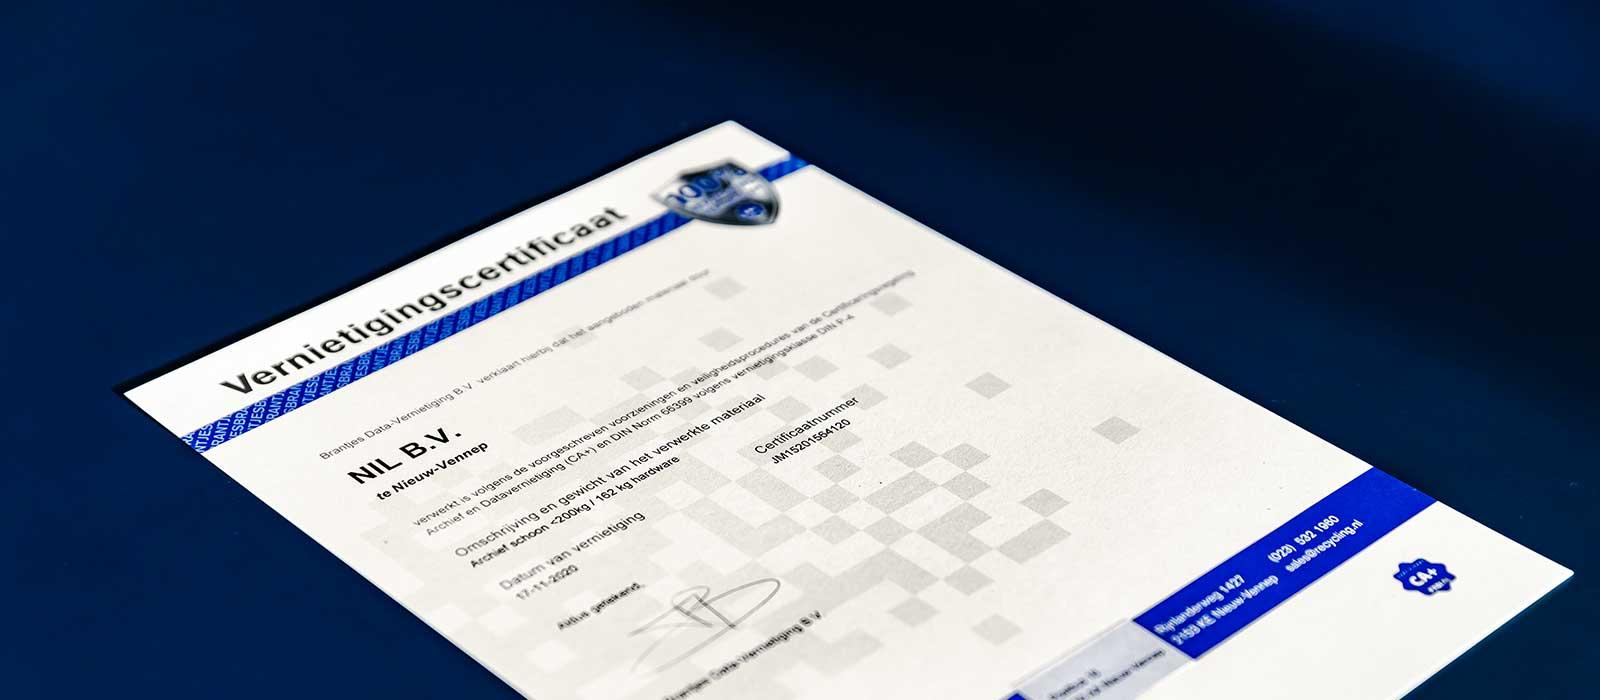 vernietiging-certificaat-verklaring-balie-header